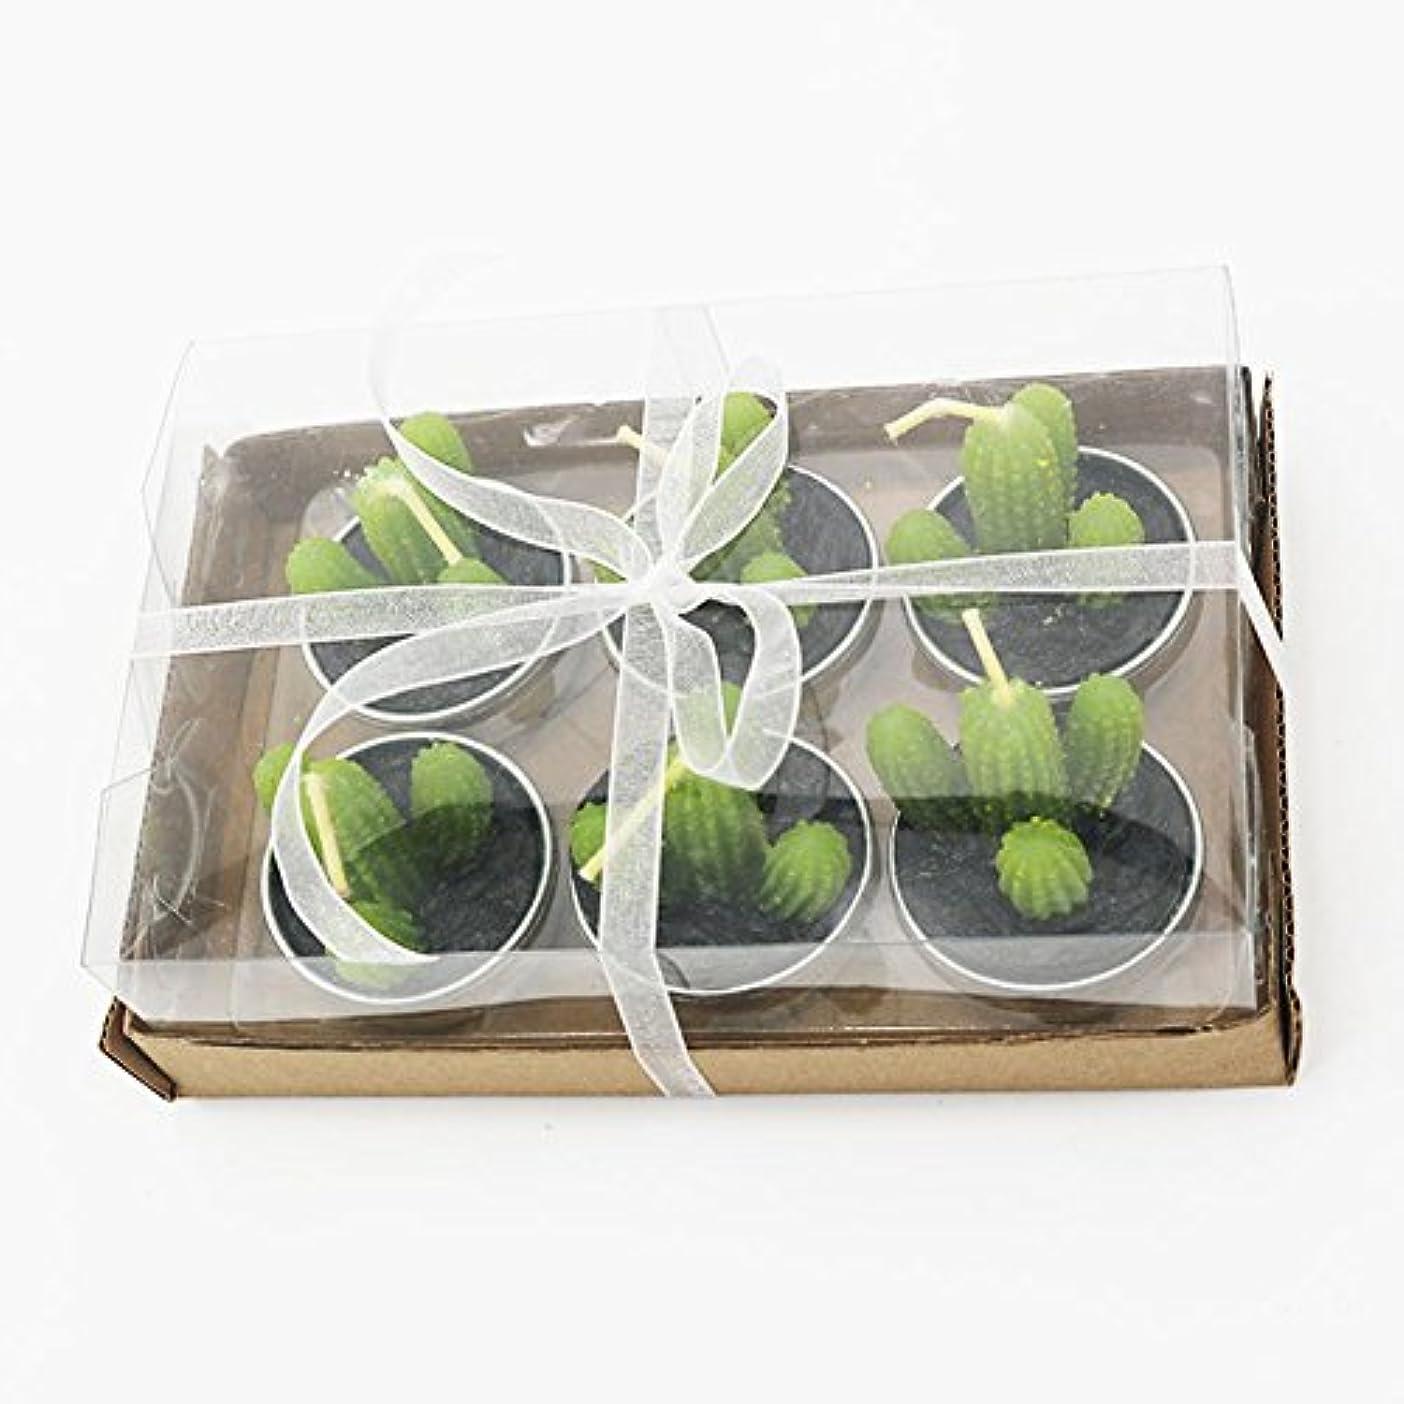 言い直すジェーンオースティン自明Liebeye キャンドル 多肉植物スモークフリーのクリエイティブなキャンドル100%自然のワックスかわいい模造植物フルーツの形状低温キャンドル 6個/箱 カクタス?ボックス